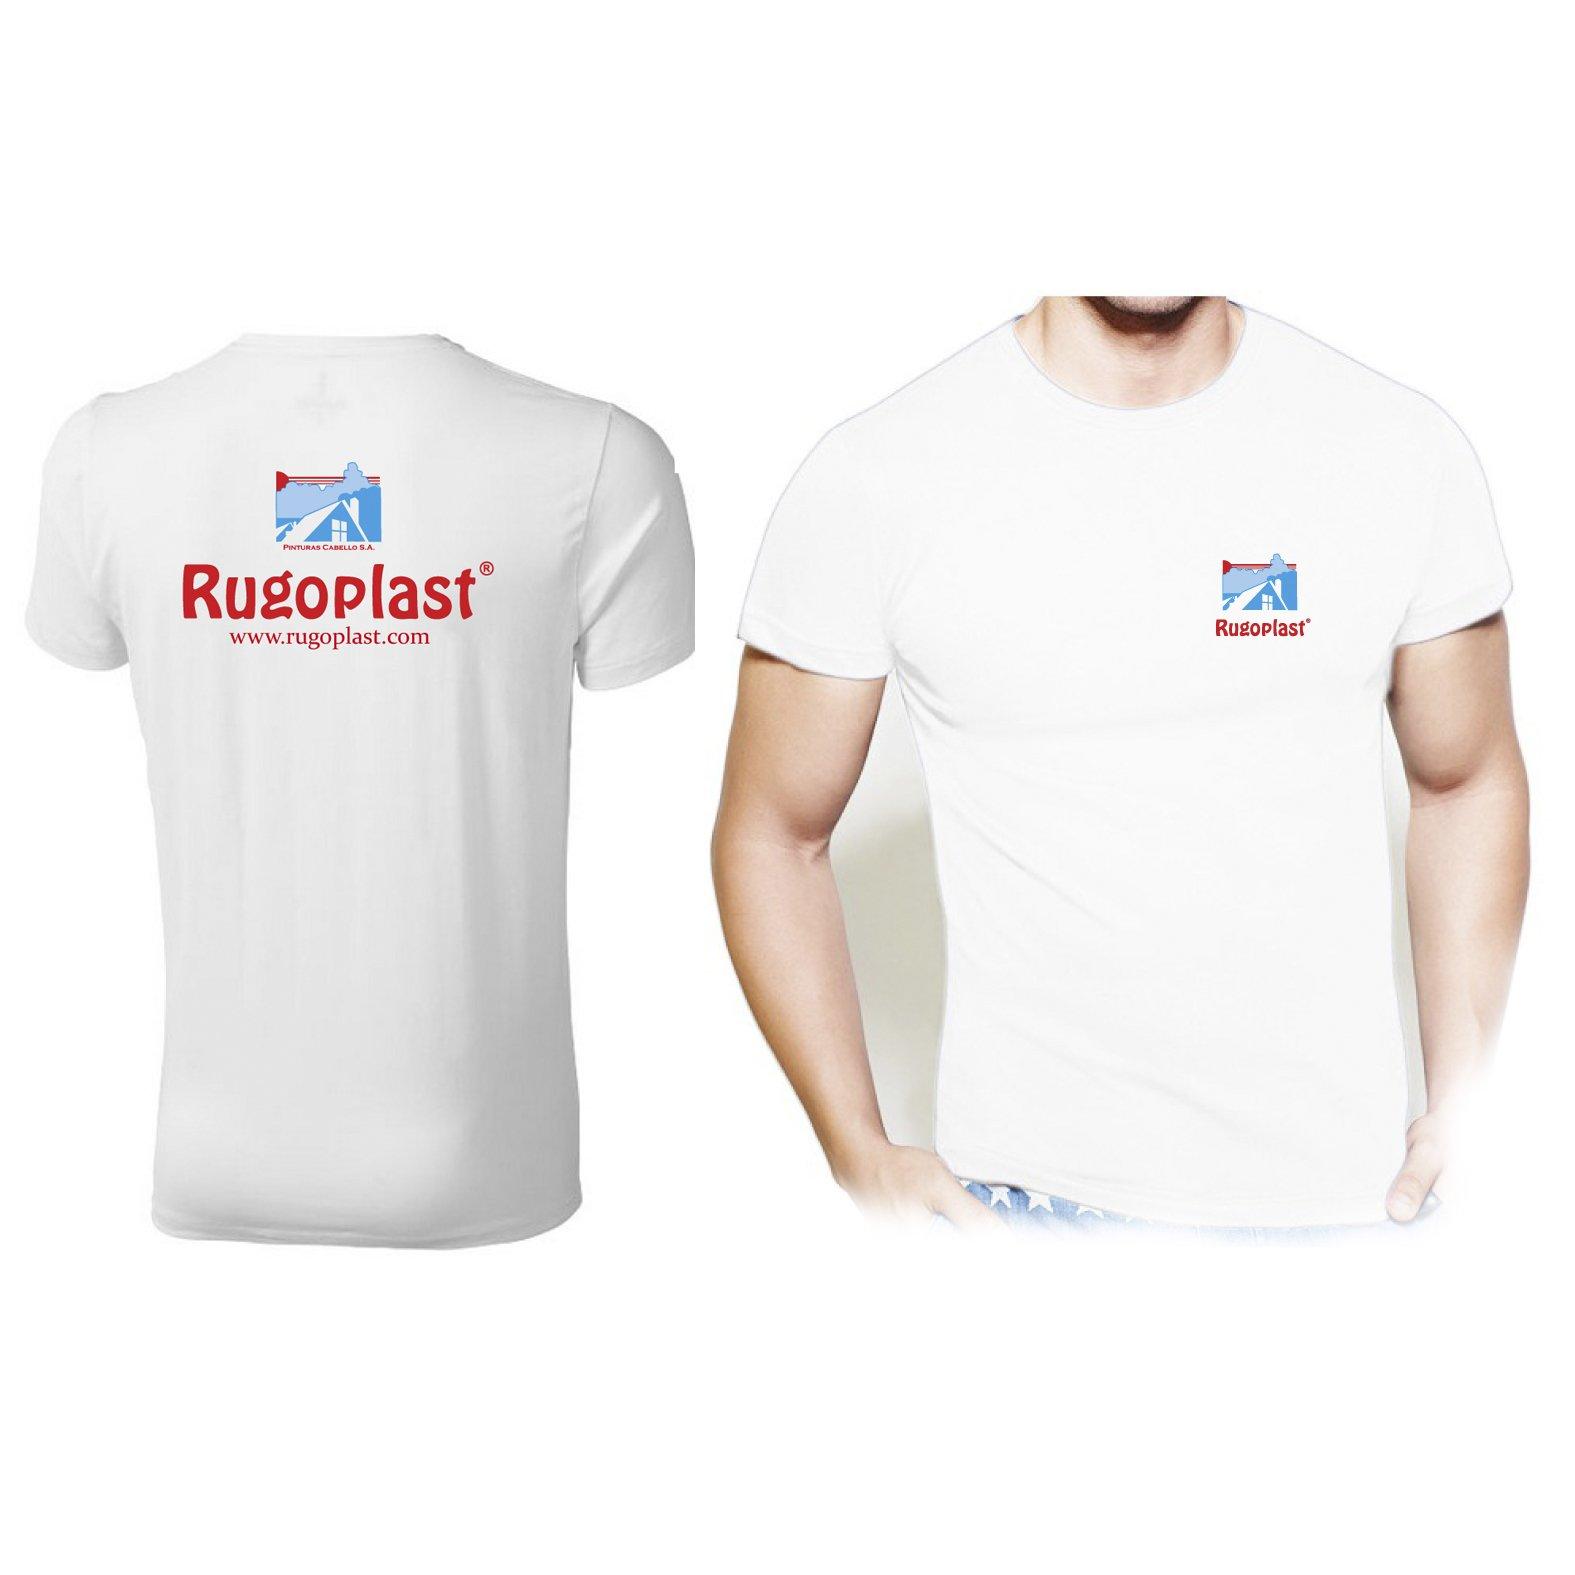 Camiseta de manga corta blanca unisex 100 x 100 algodón 150 gramos Rugoplast Varias Medidas M, L, XL, XXL (Blanco, L) Envío GRATIS: Amazon.es: Deportes y aire libre